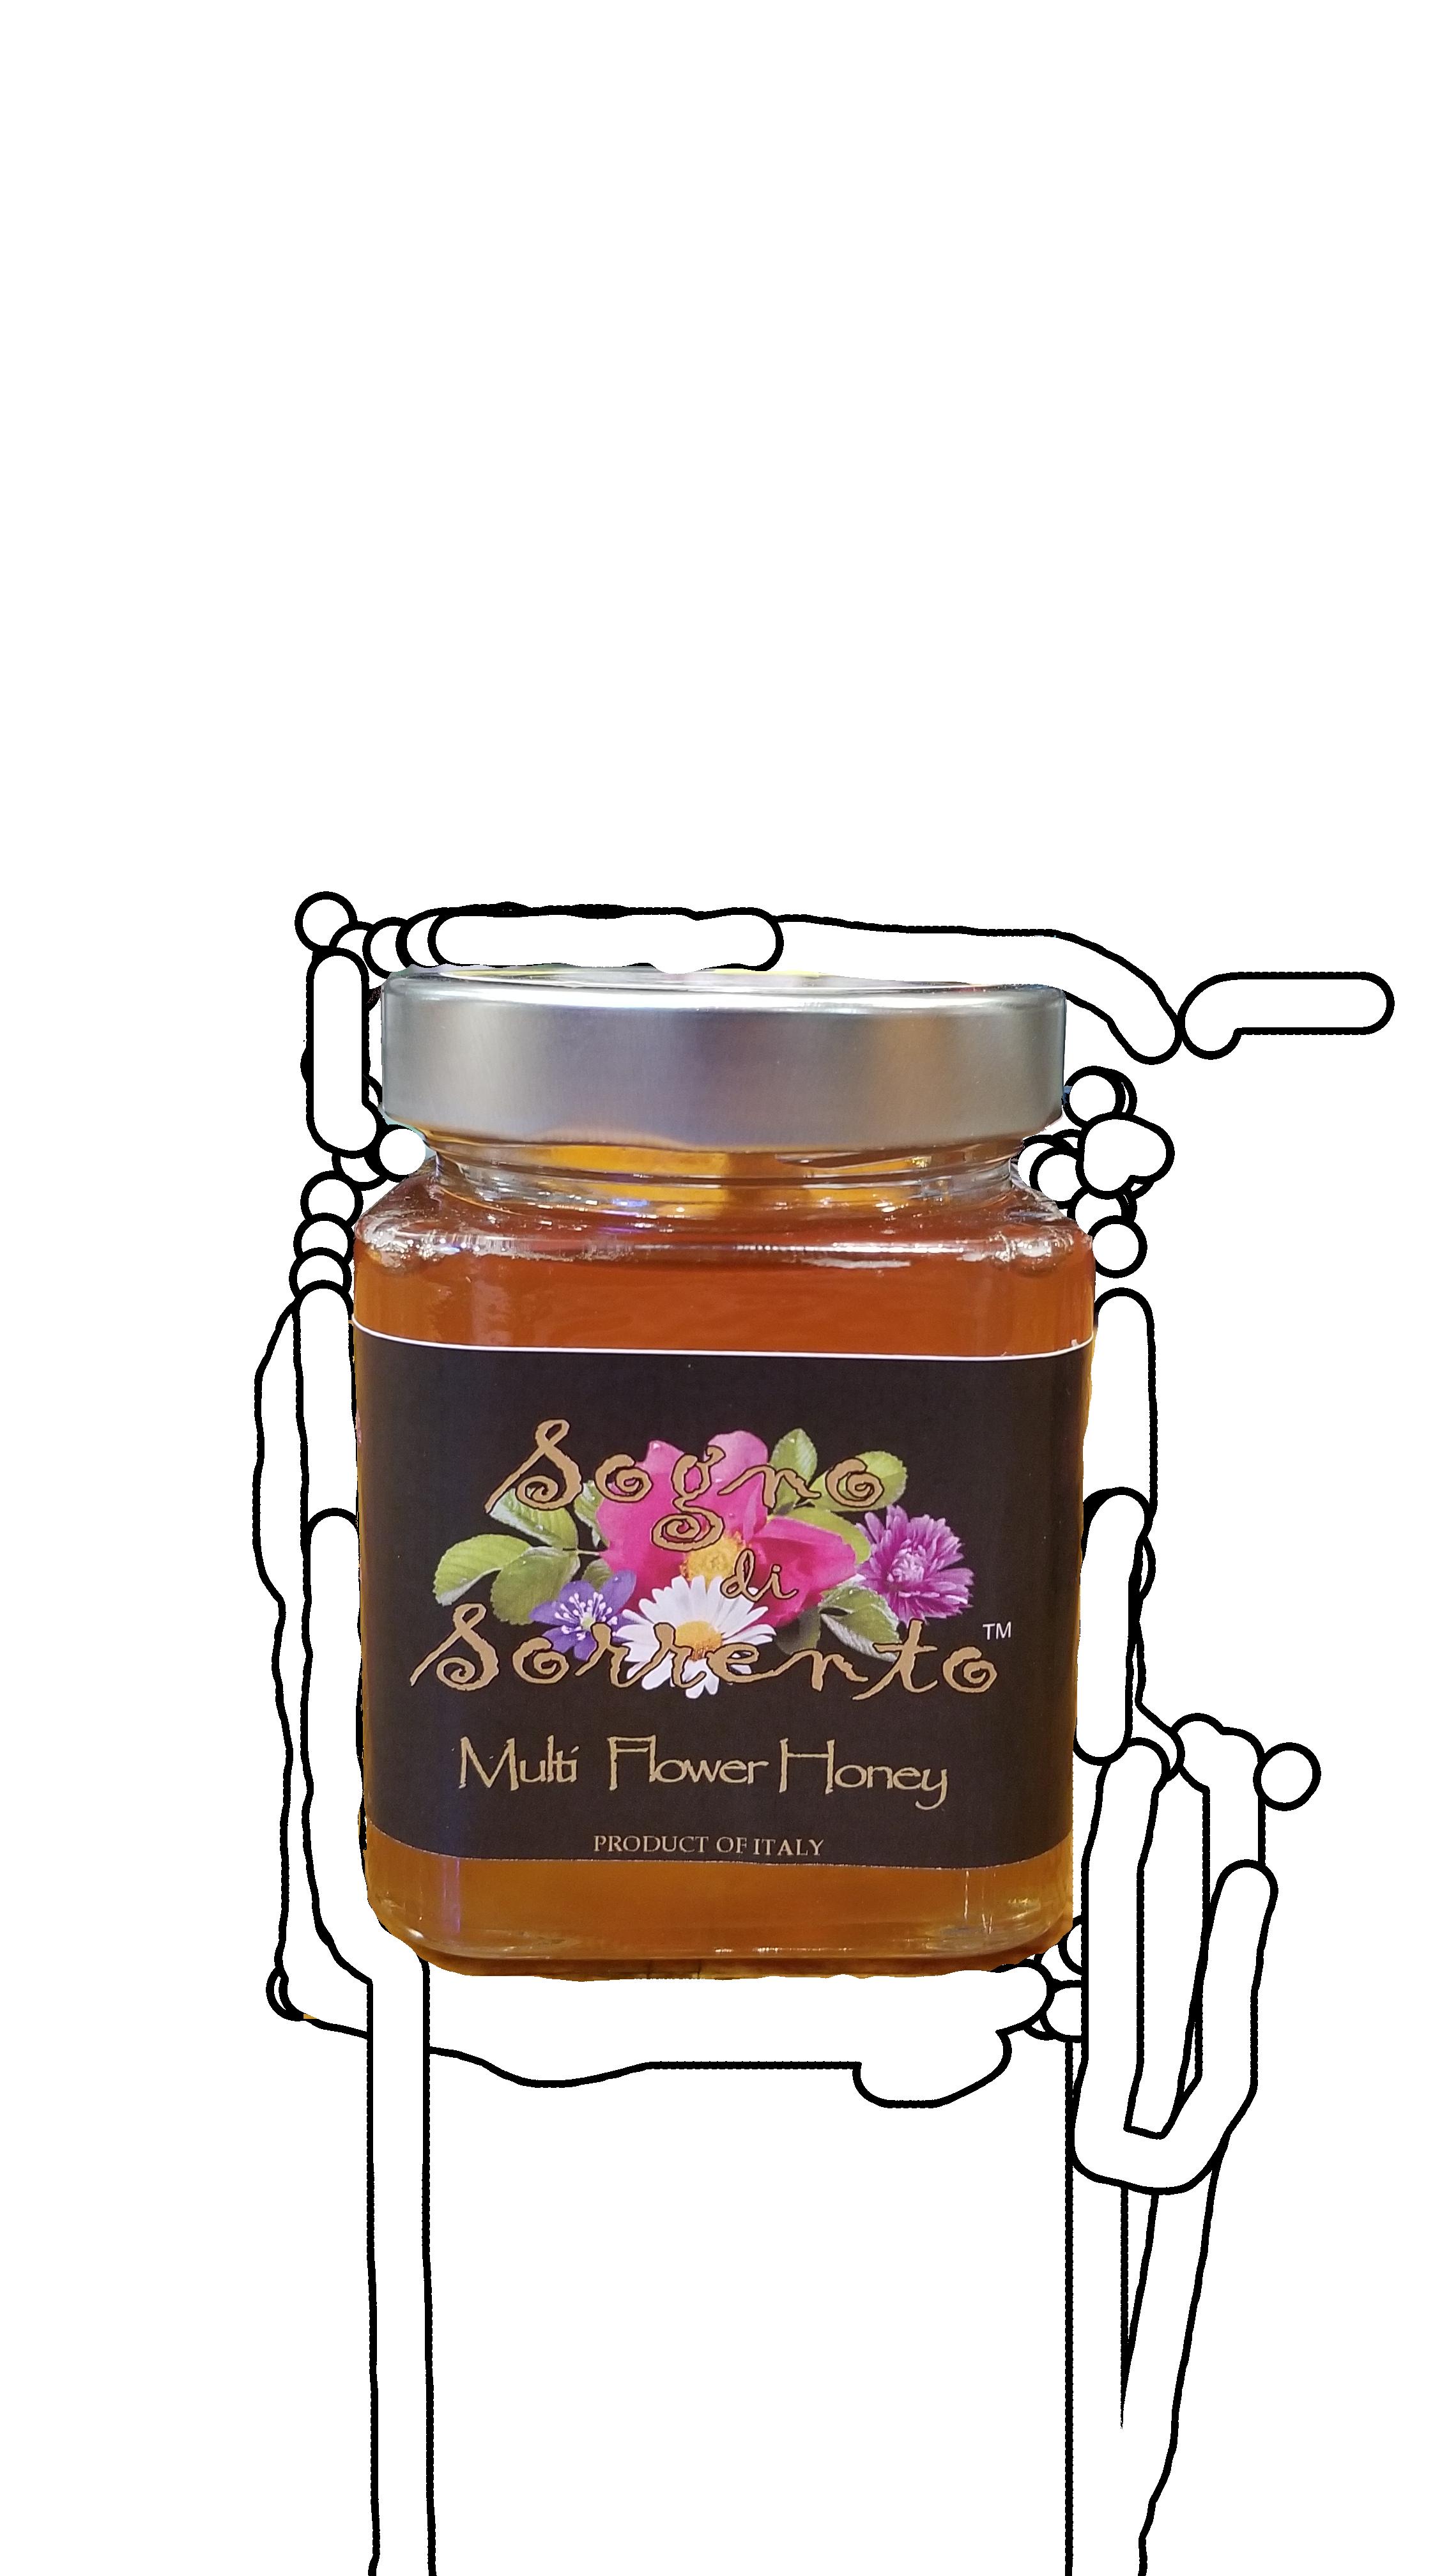 Sogno Multi Flower Honey.png